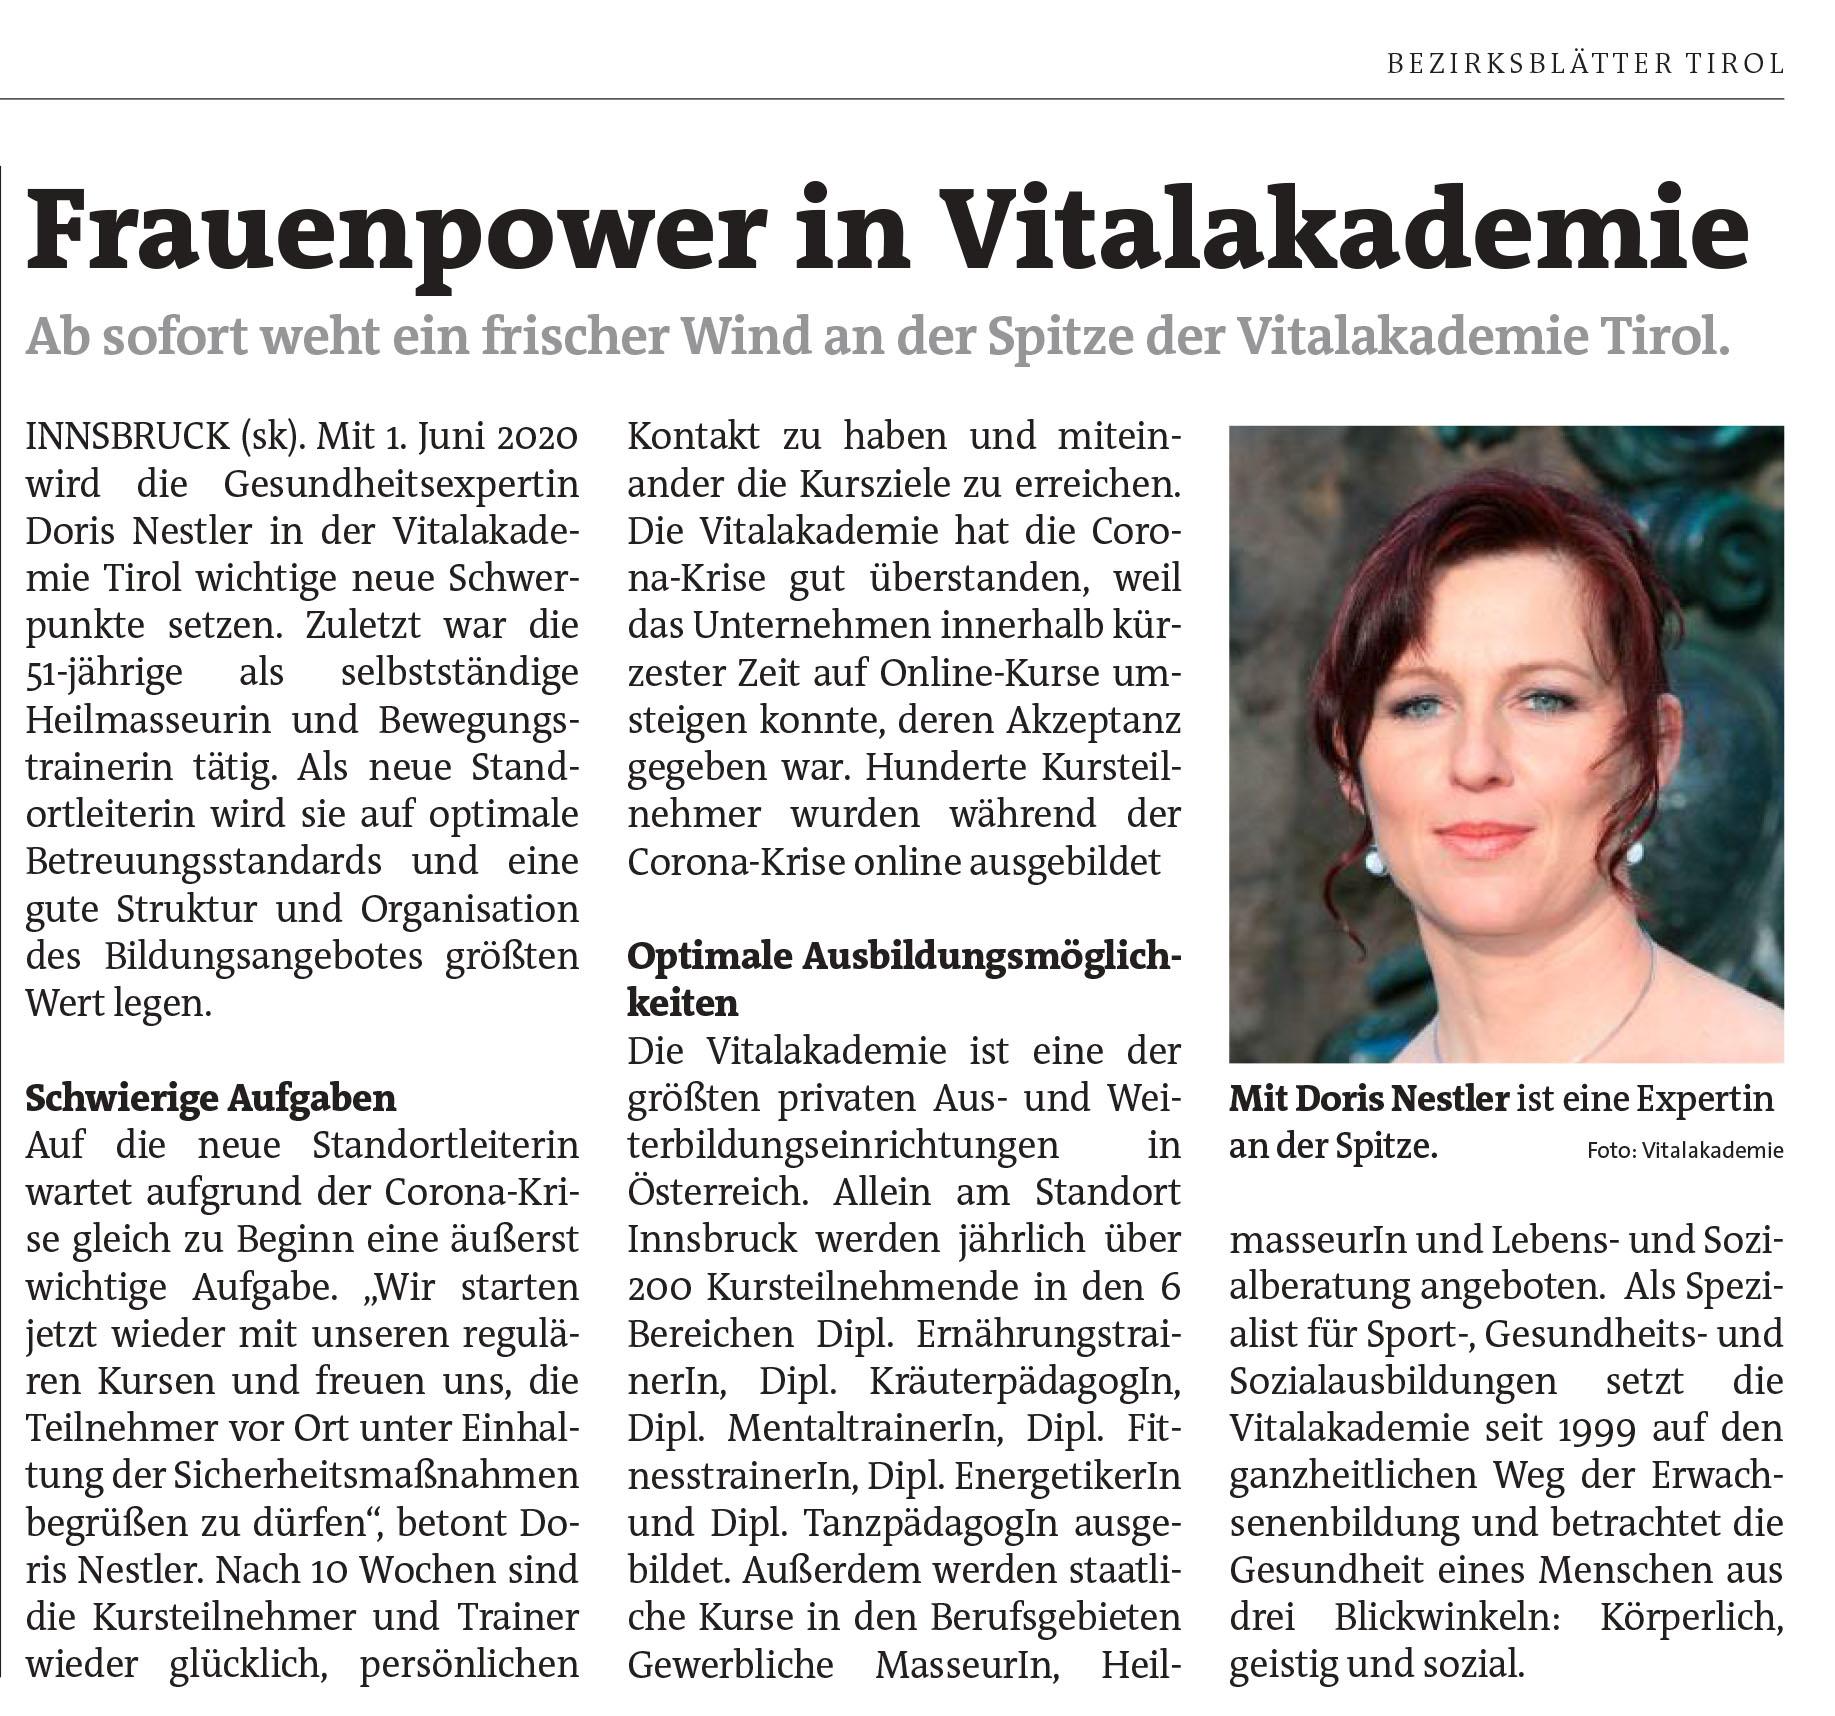 Bezirksblätter Tirol